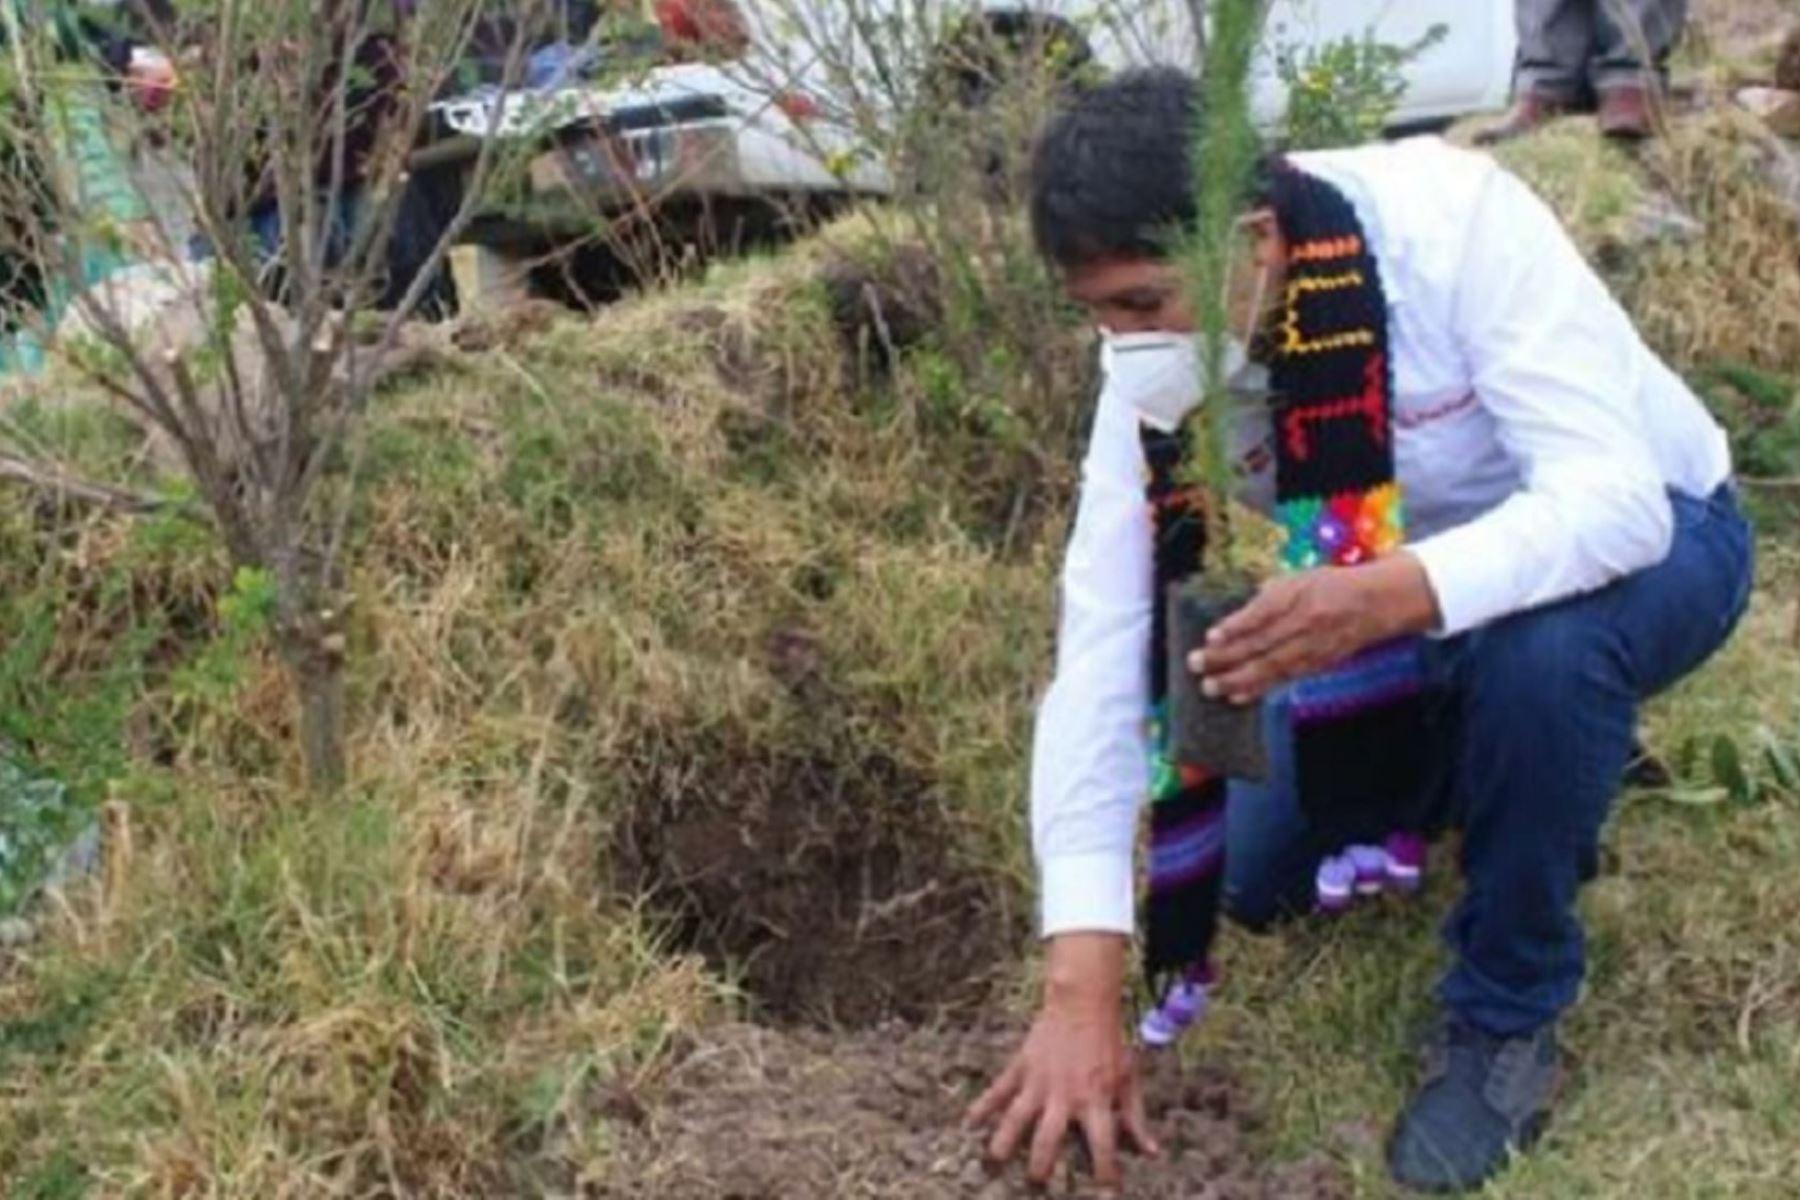 Minagri pone en marcha proyecto de reforestación en el distrito de Julcamarca, en la provincia de Angaraes, región Huancavelica. Foto: Minagri